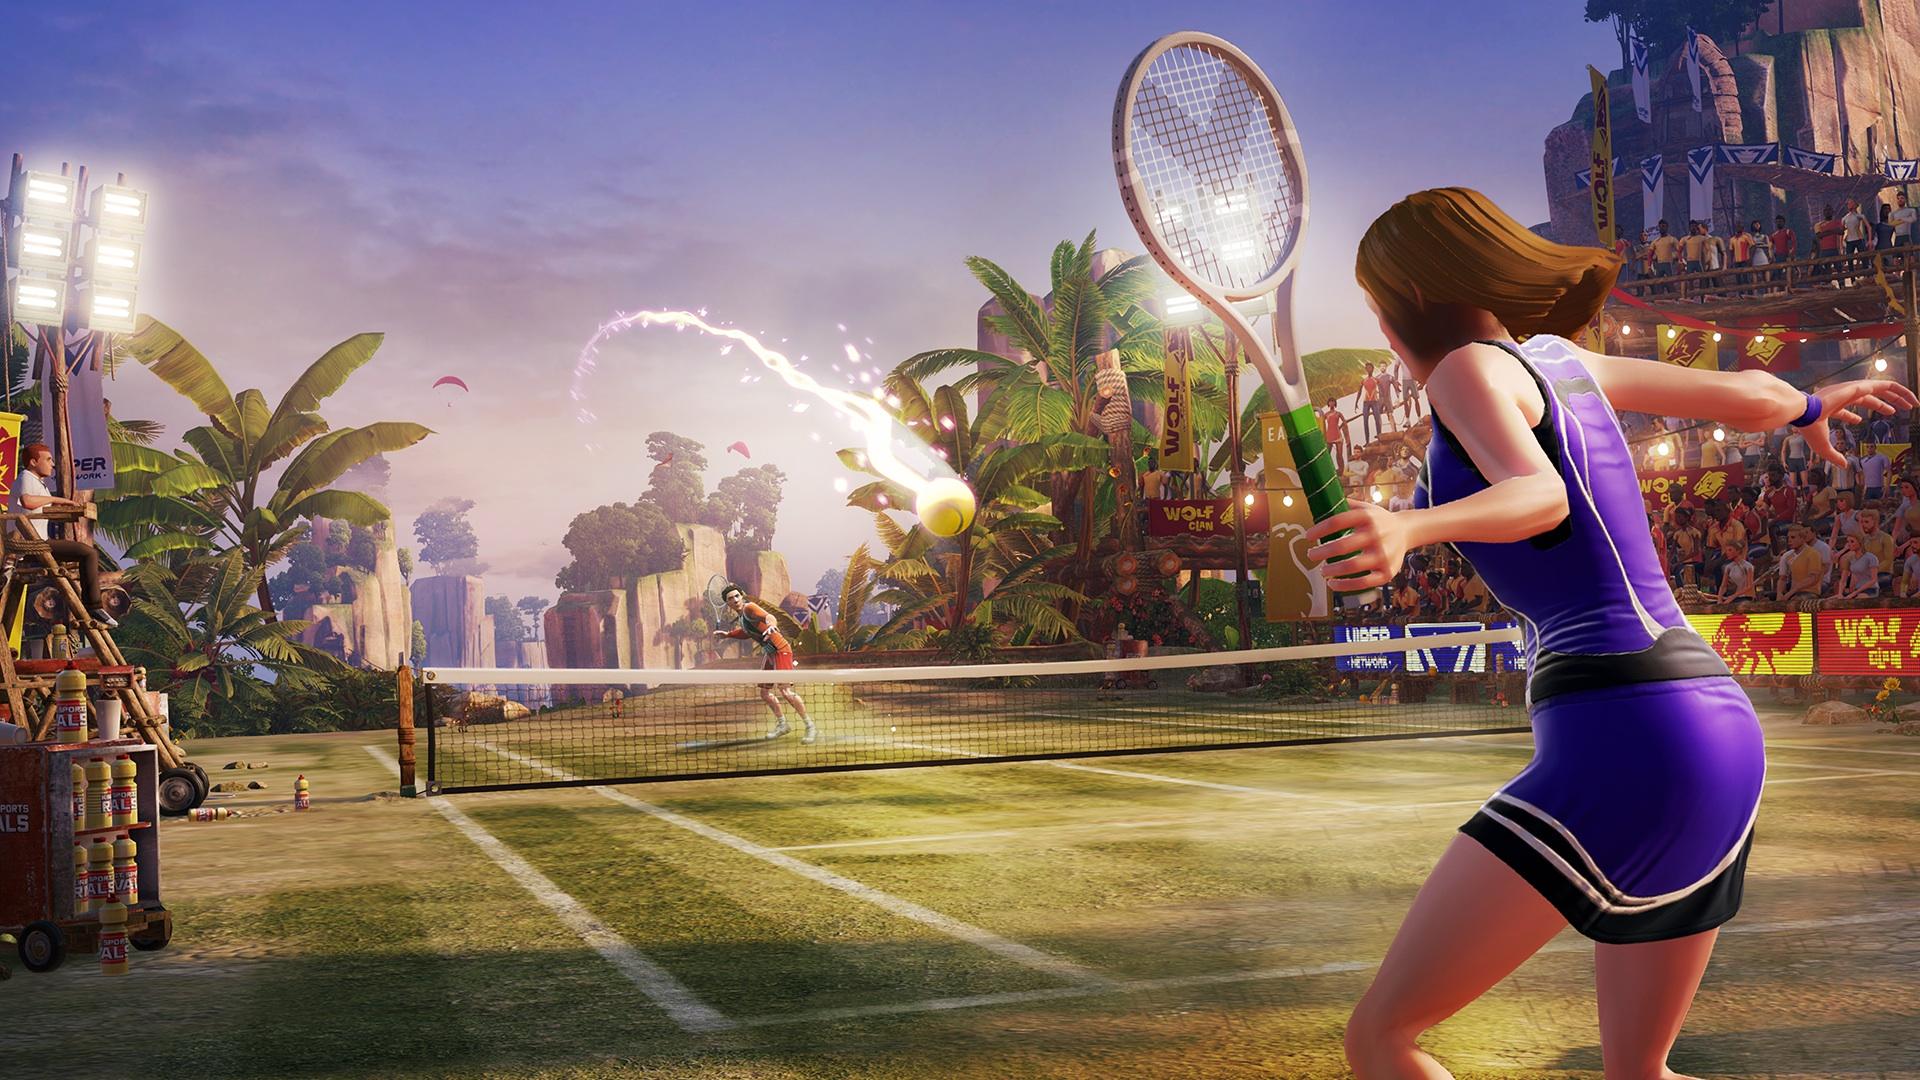 Tennis_large